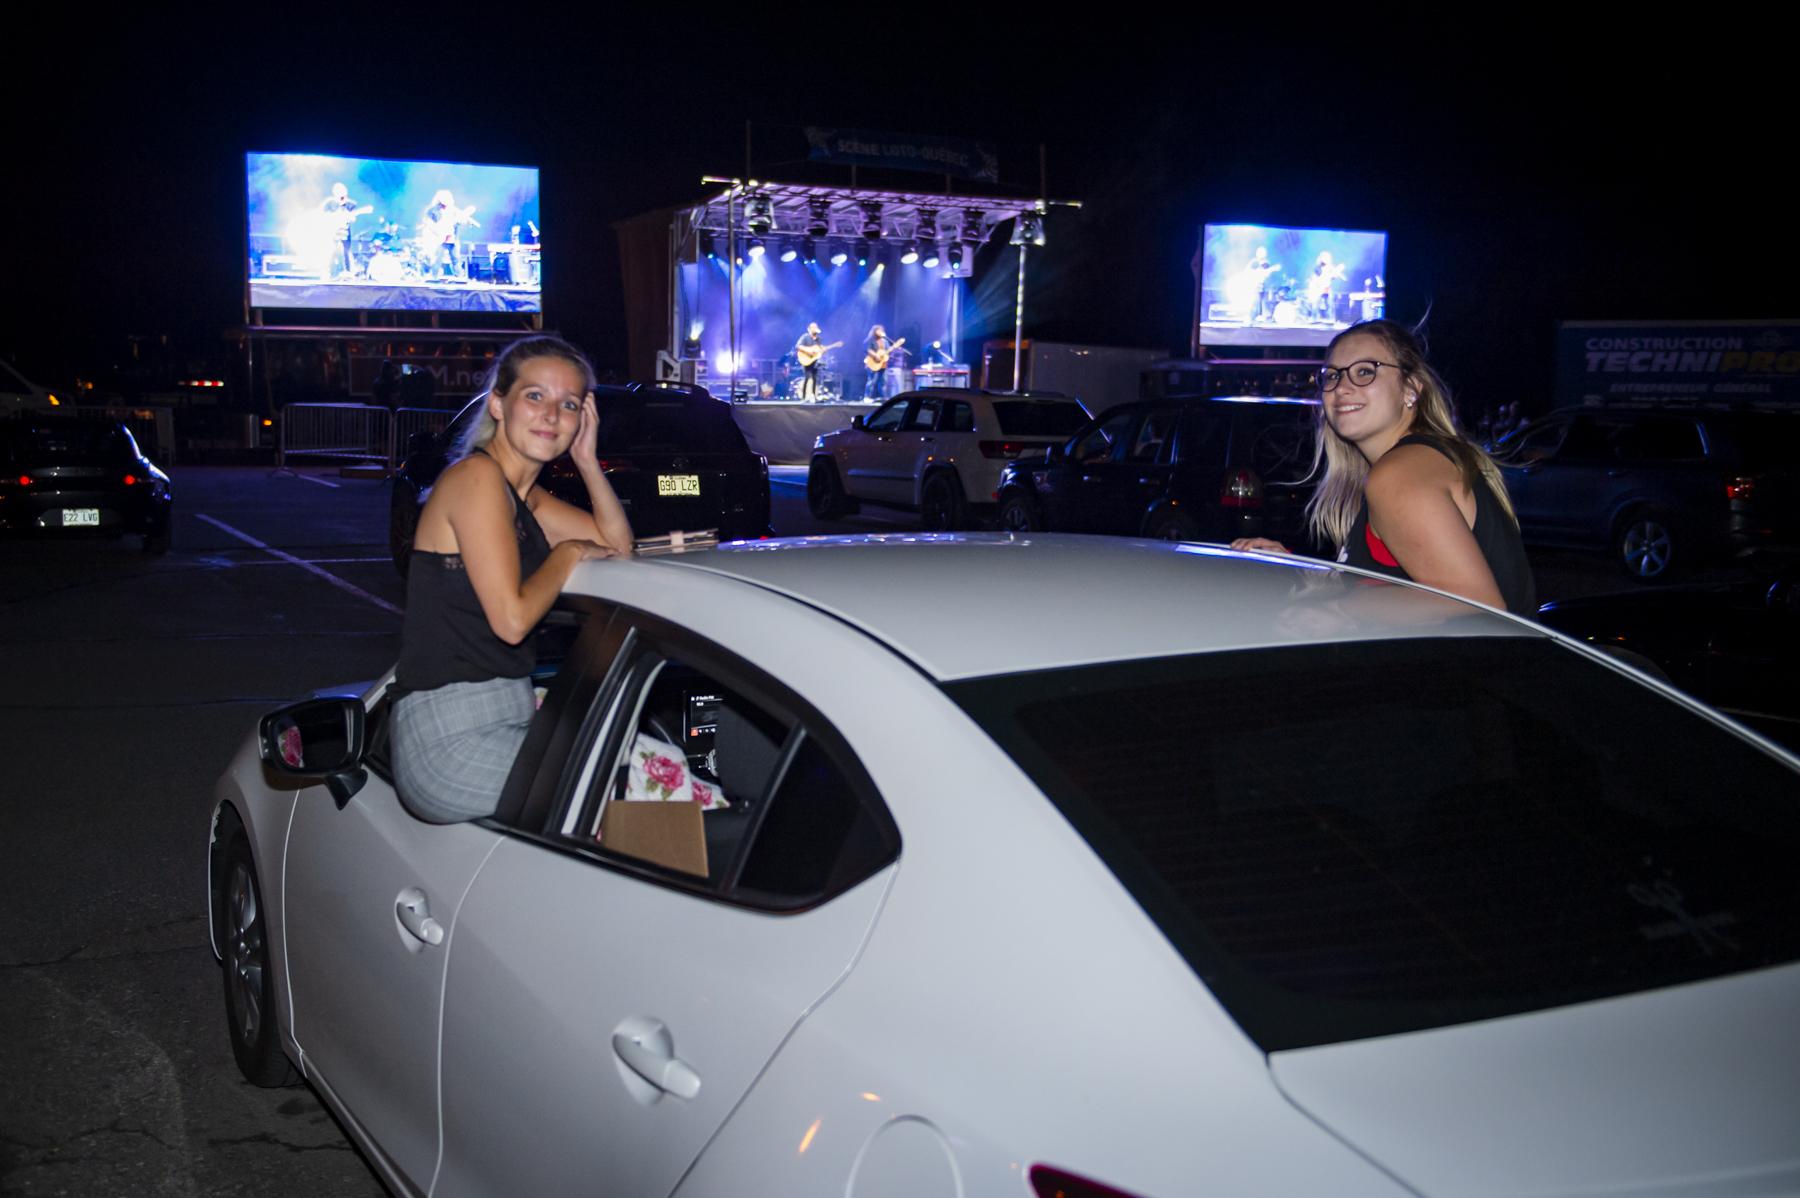 Le duo 2Frères était de passage à Rimouski samedi avec une formule ciné-parc dans le stationnement du Complexe Léonidas.